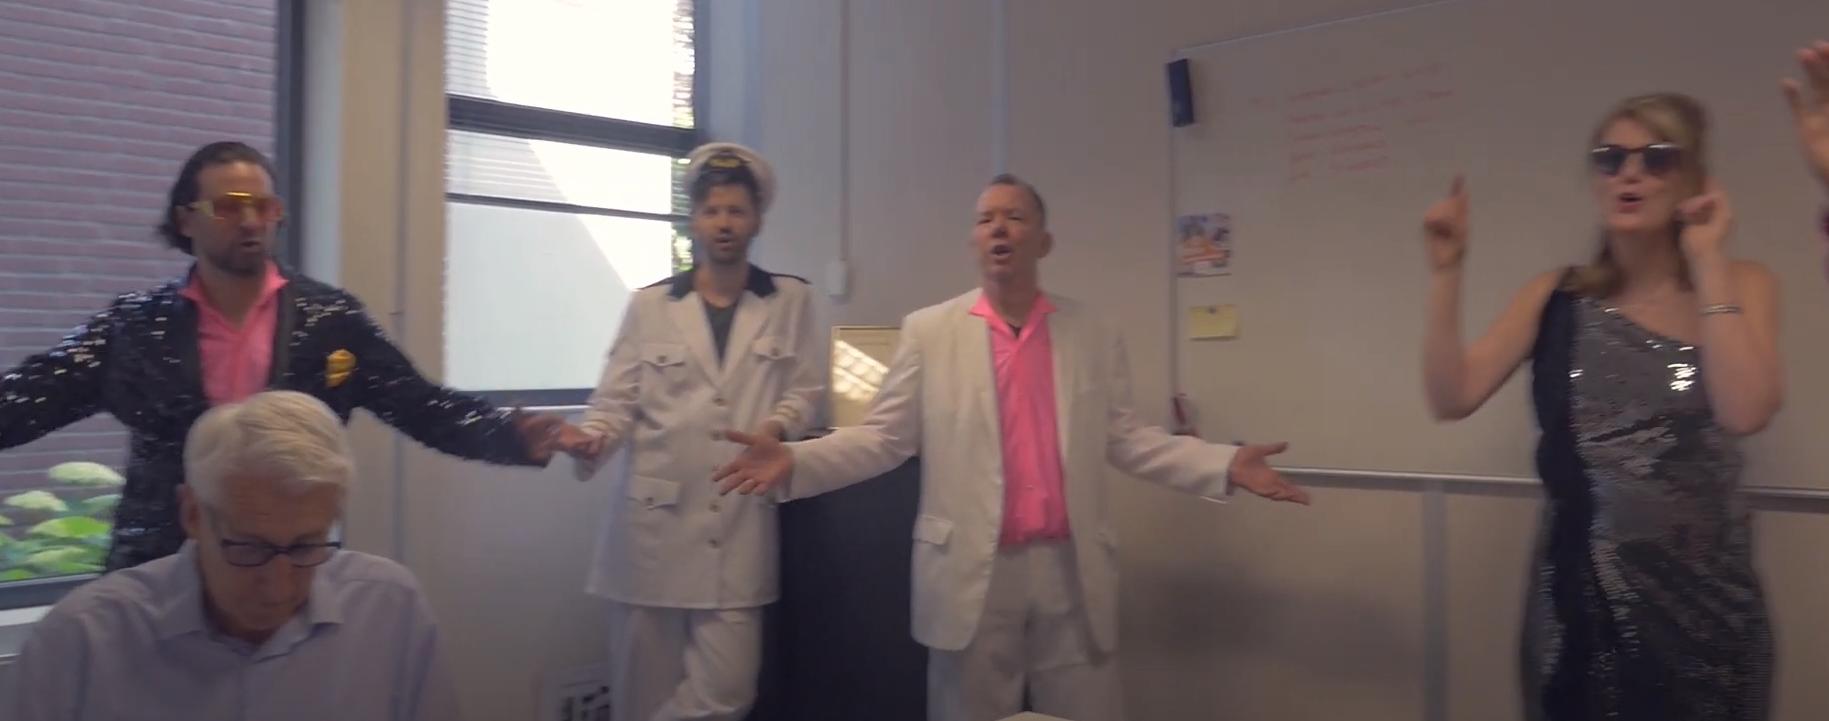 Dit is de clip van onze docentenband van 2020!